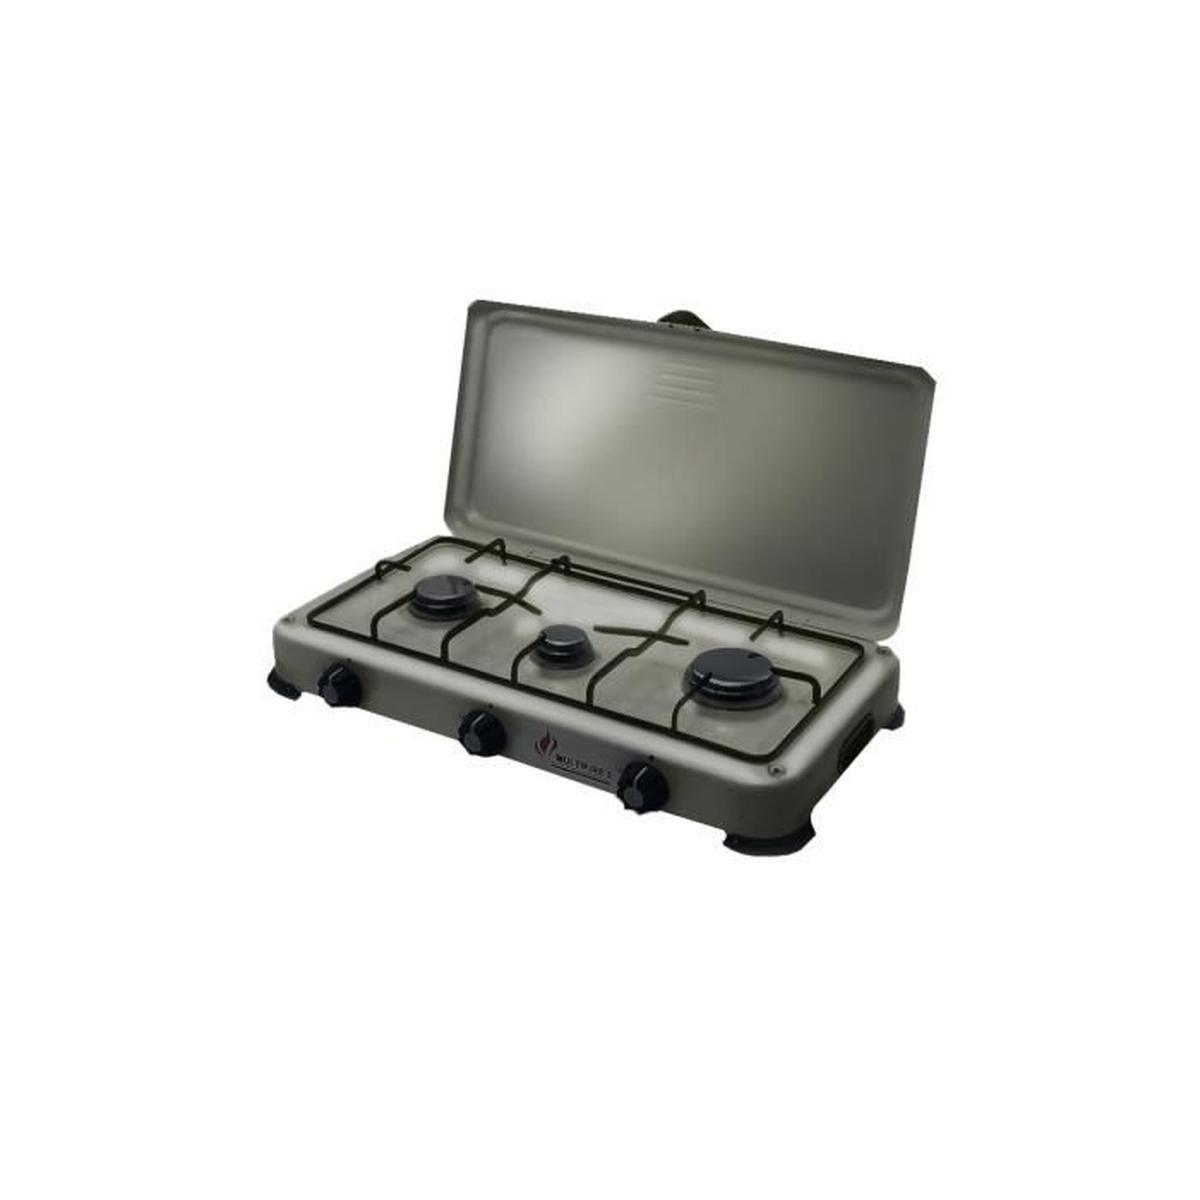 table de cuisson gaz portable 3 feux 4100w silver